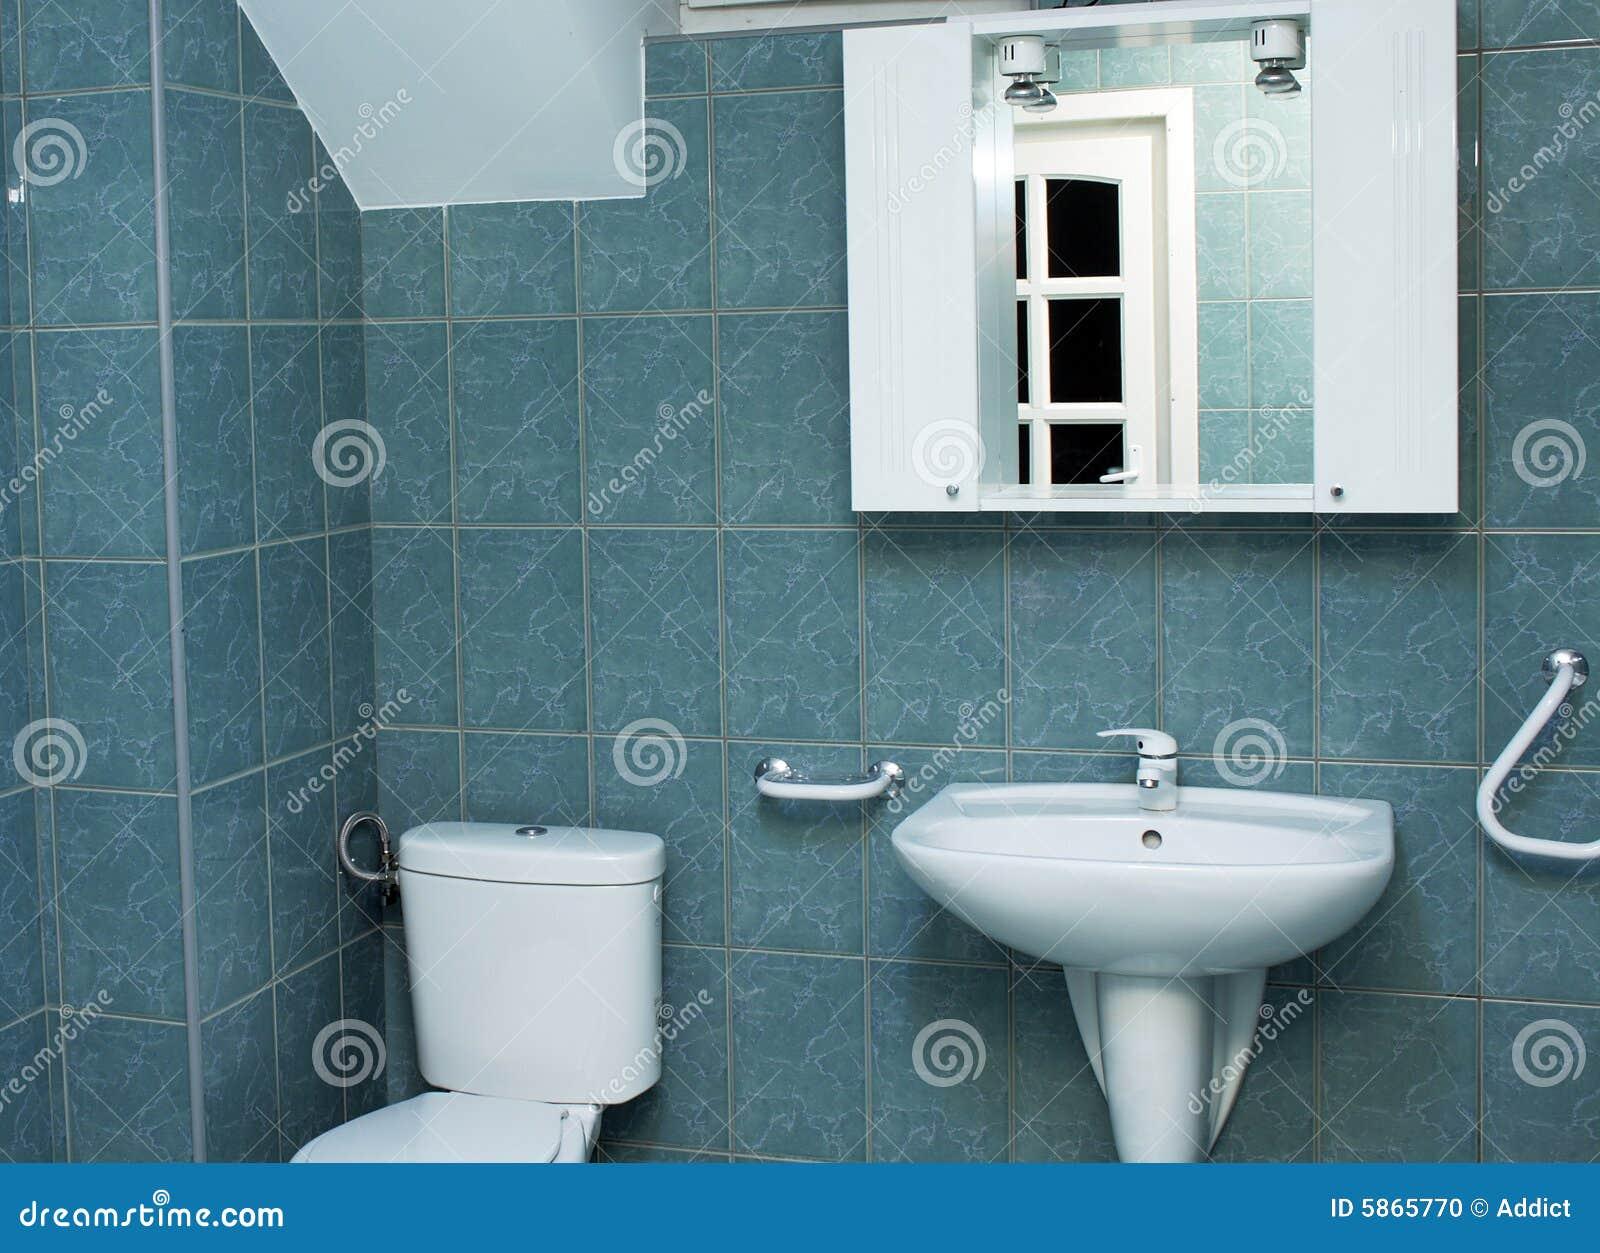 Cuarto de ba o moderno con los azulejos verdes foto de - Azulejos de cuartos de bano ...